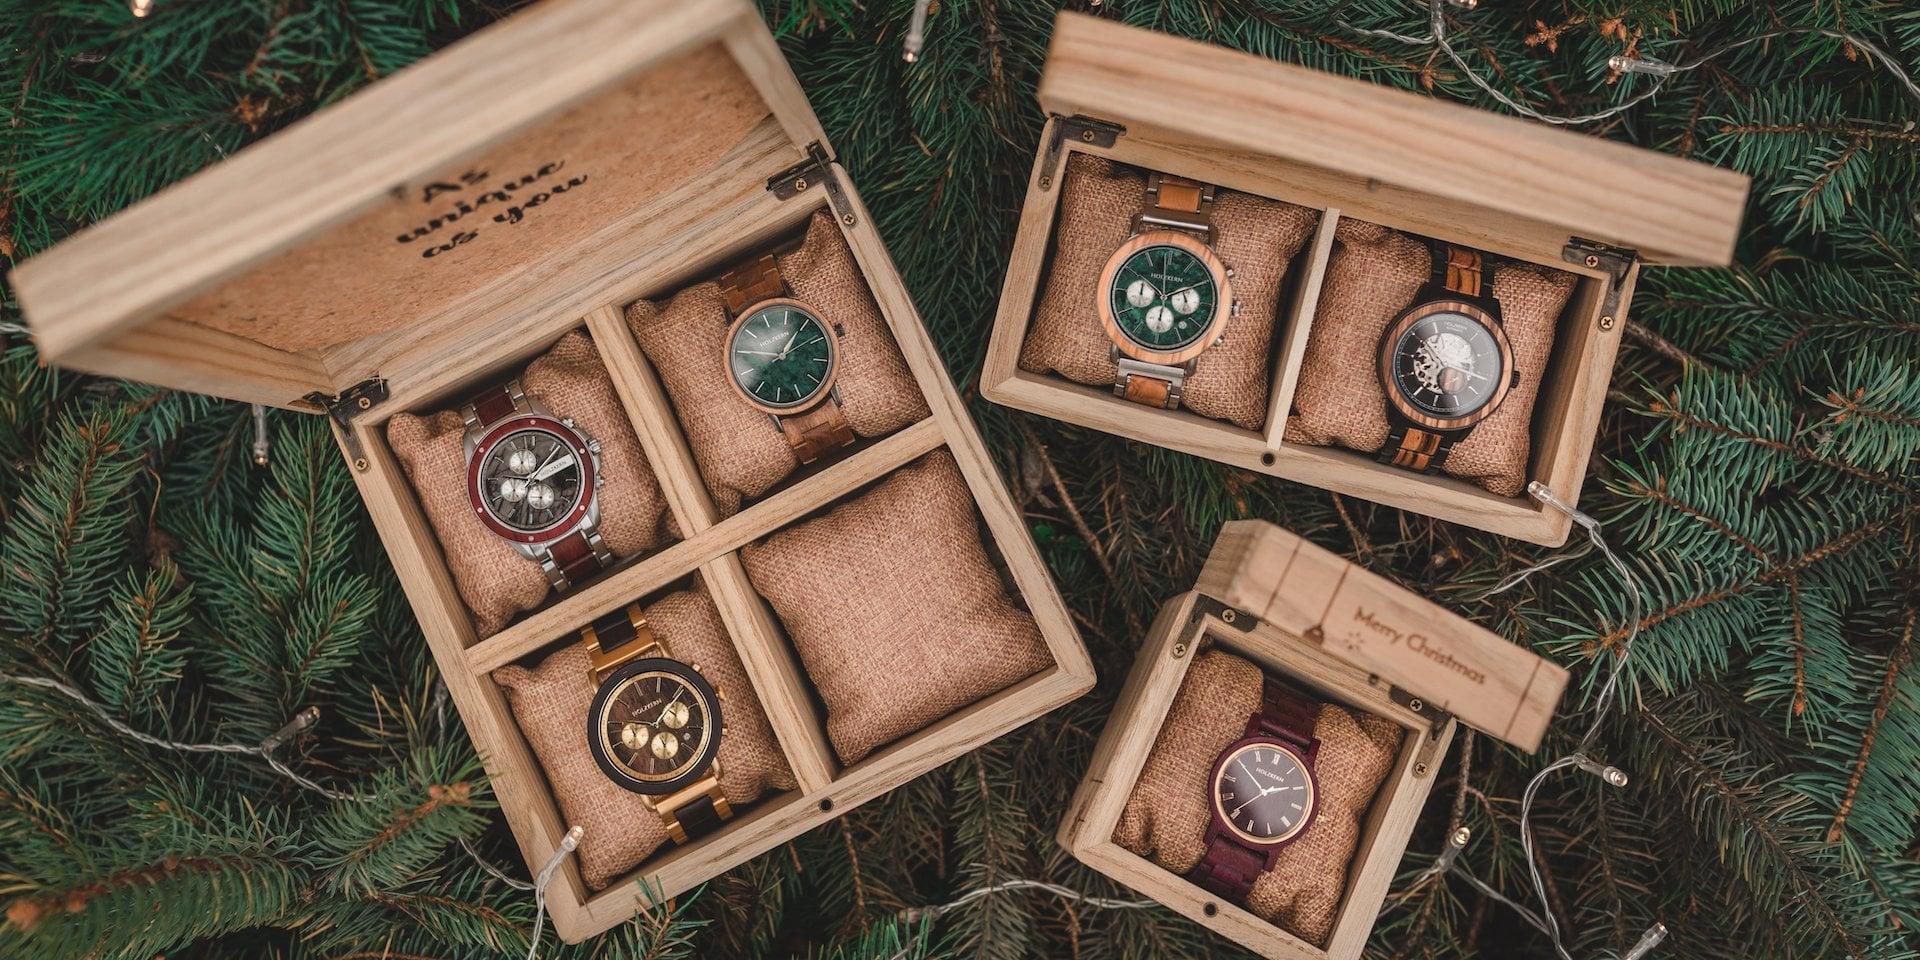 Holzkern Weihnachtsbox alle Boxen